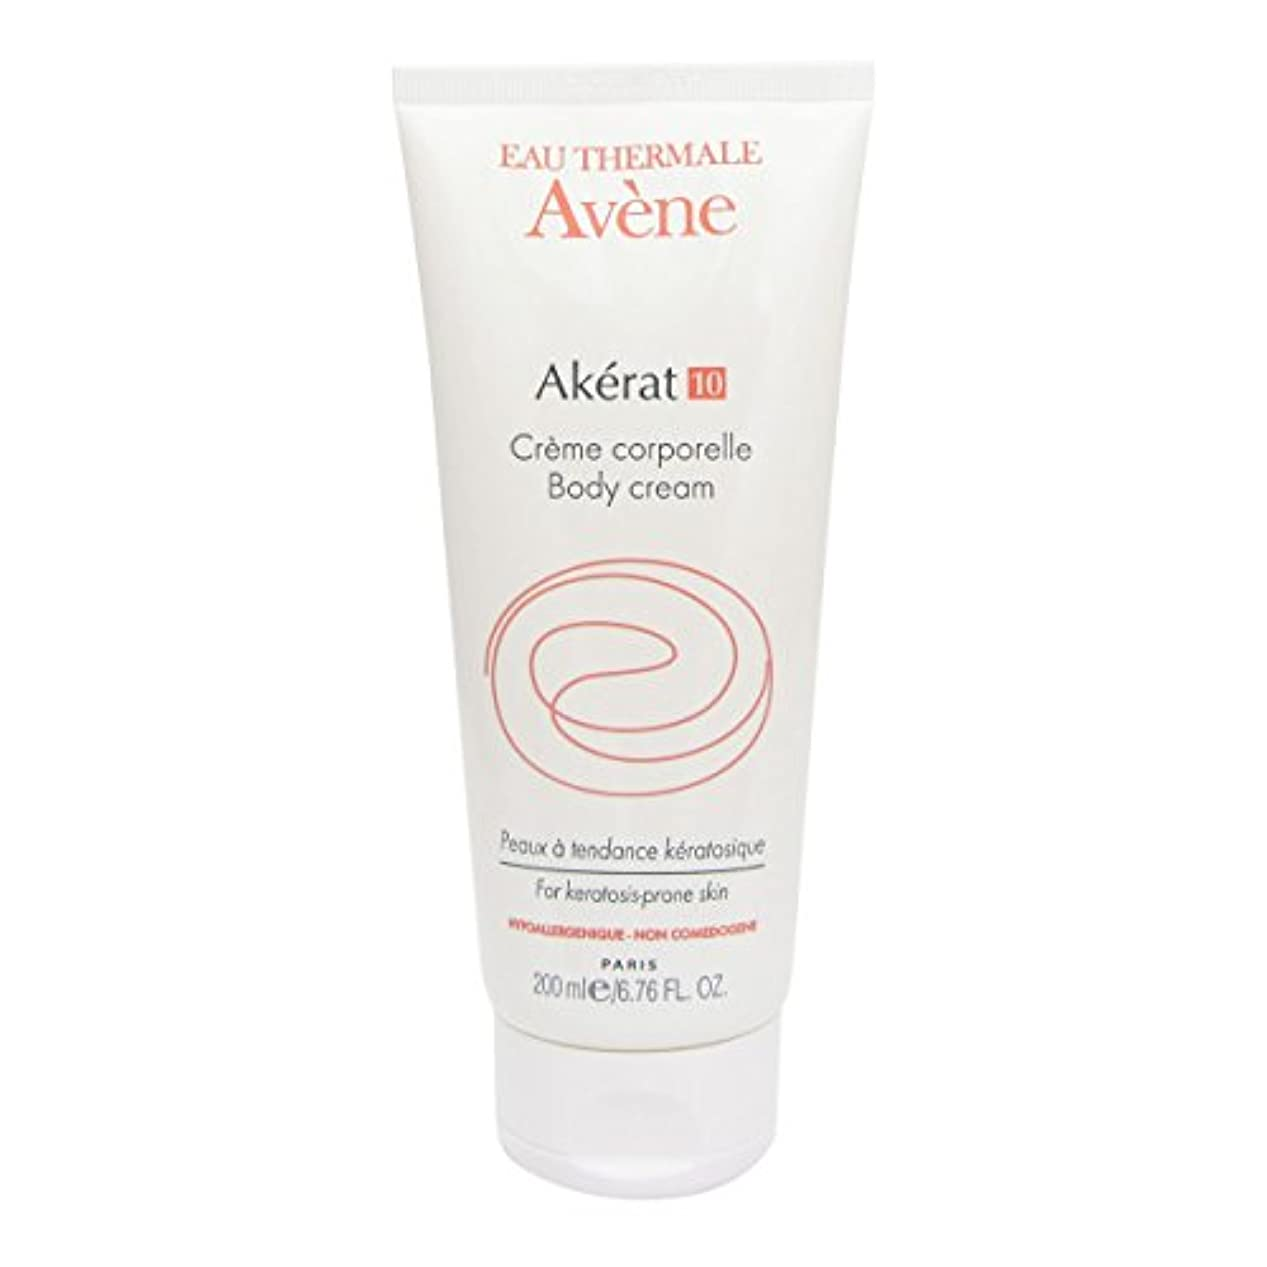 マラウイオフセット討論Avene Akerat 10 Body Cream 200ml [並行輸入品]